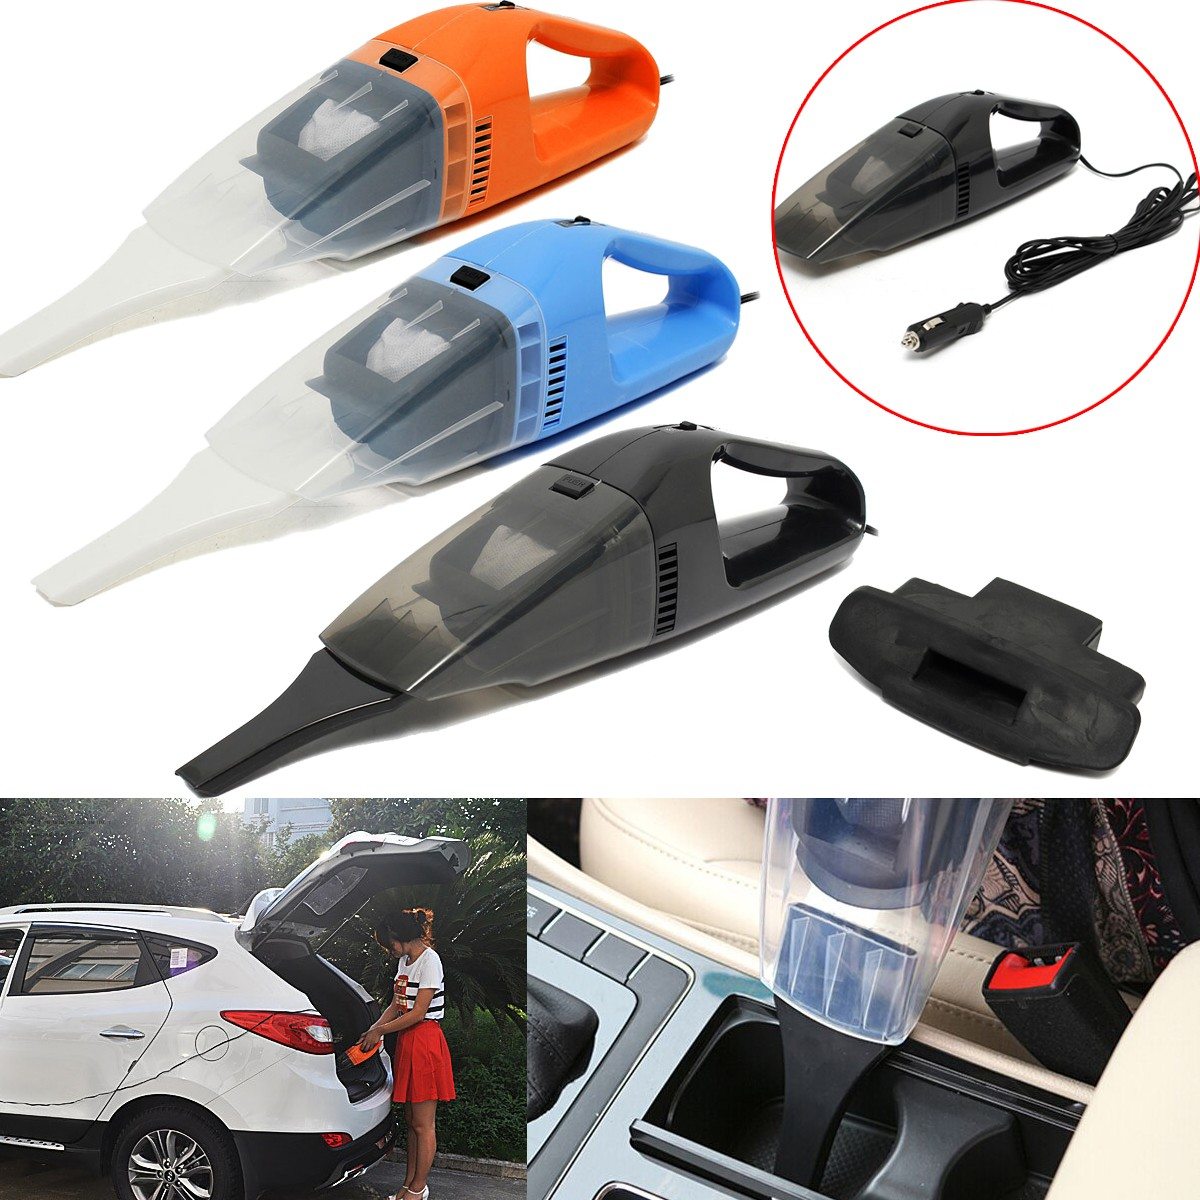 Paling Laku Portable Vacum Cleaner Mobil 12v 100w Vacuum Dirt Wet Mesin Penyedot Debu Dry High Power Car Adalah Alat Kebersihan Berupa Yang Sangat Tepat Penggunaannya Untuk Kendaraan Anda